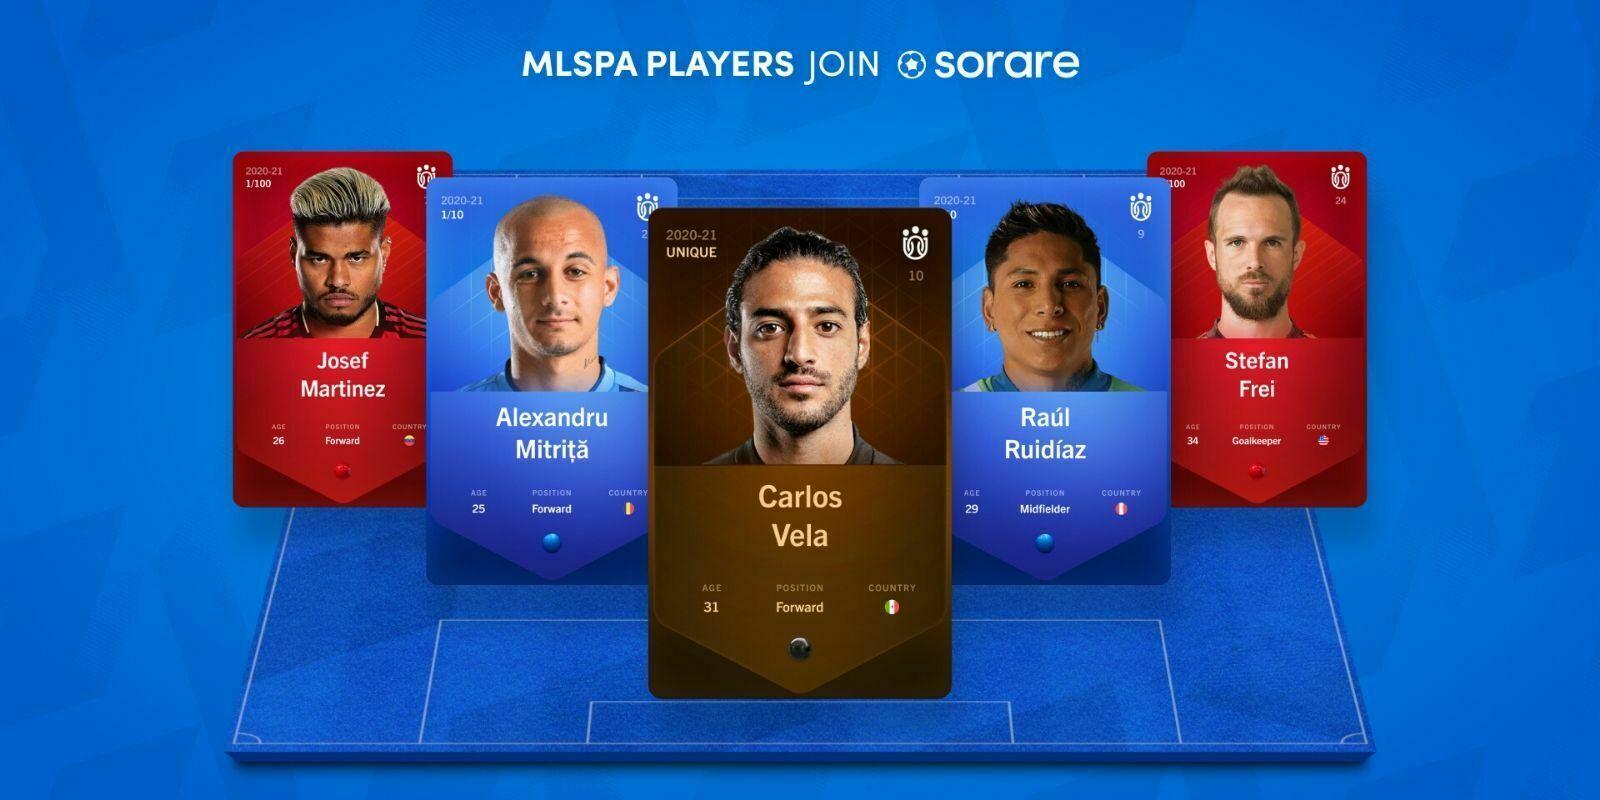 MLS Sorare